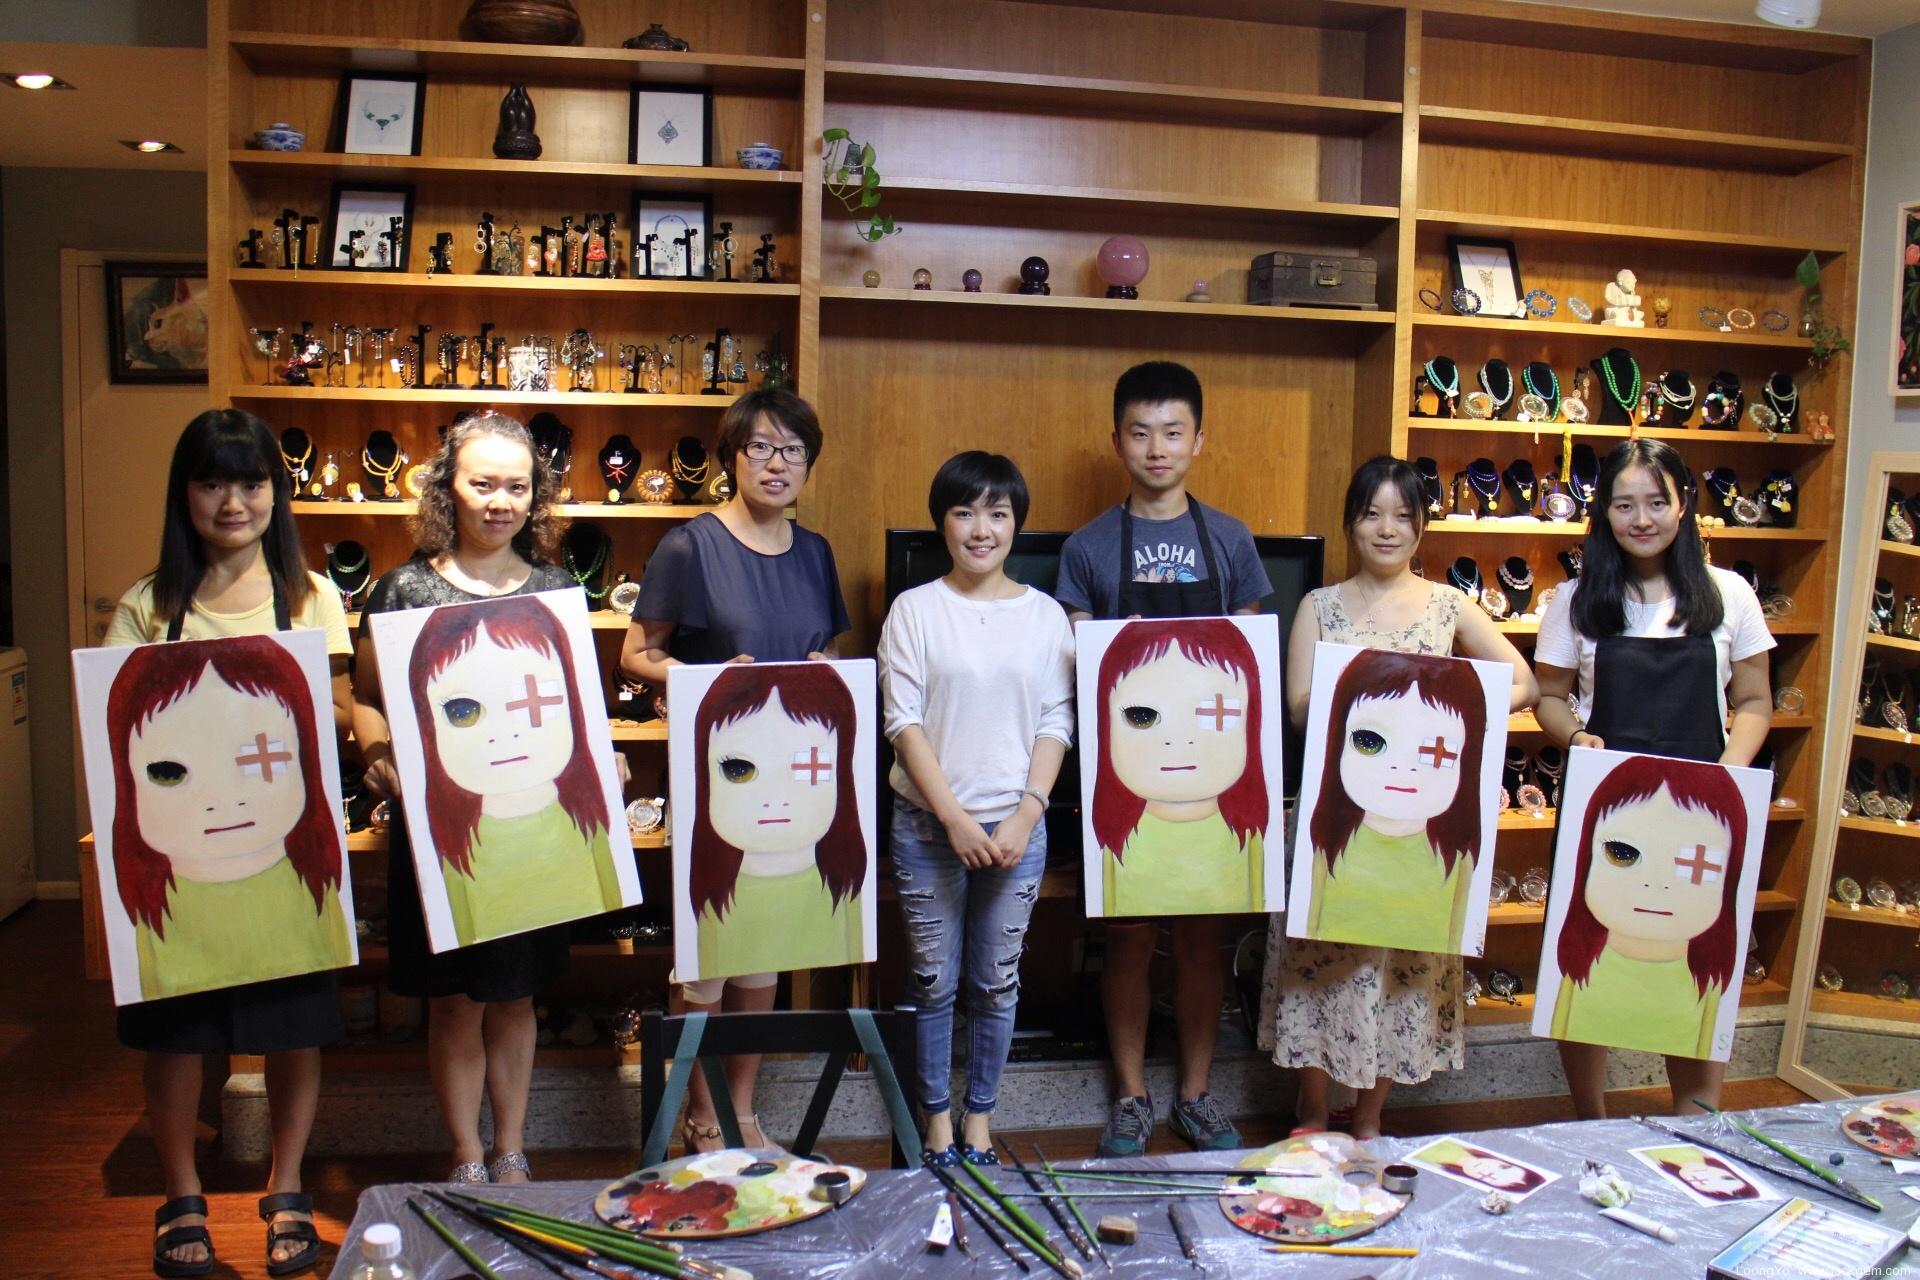 第二期奈良美智《48个女孩之一》